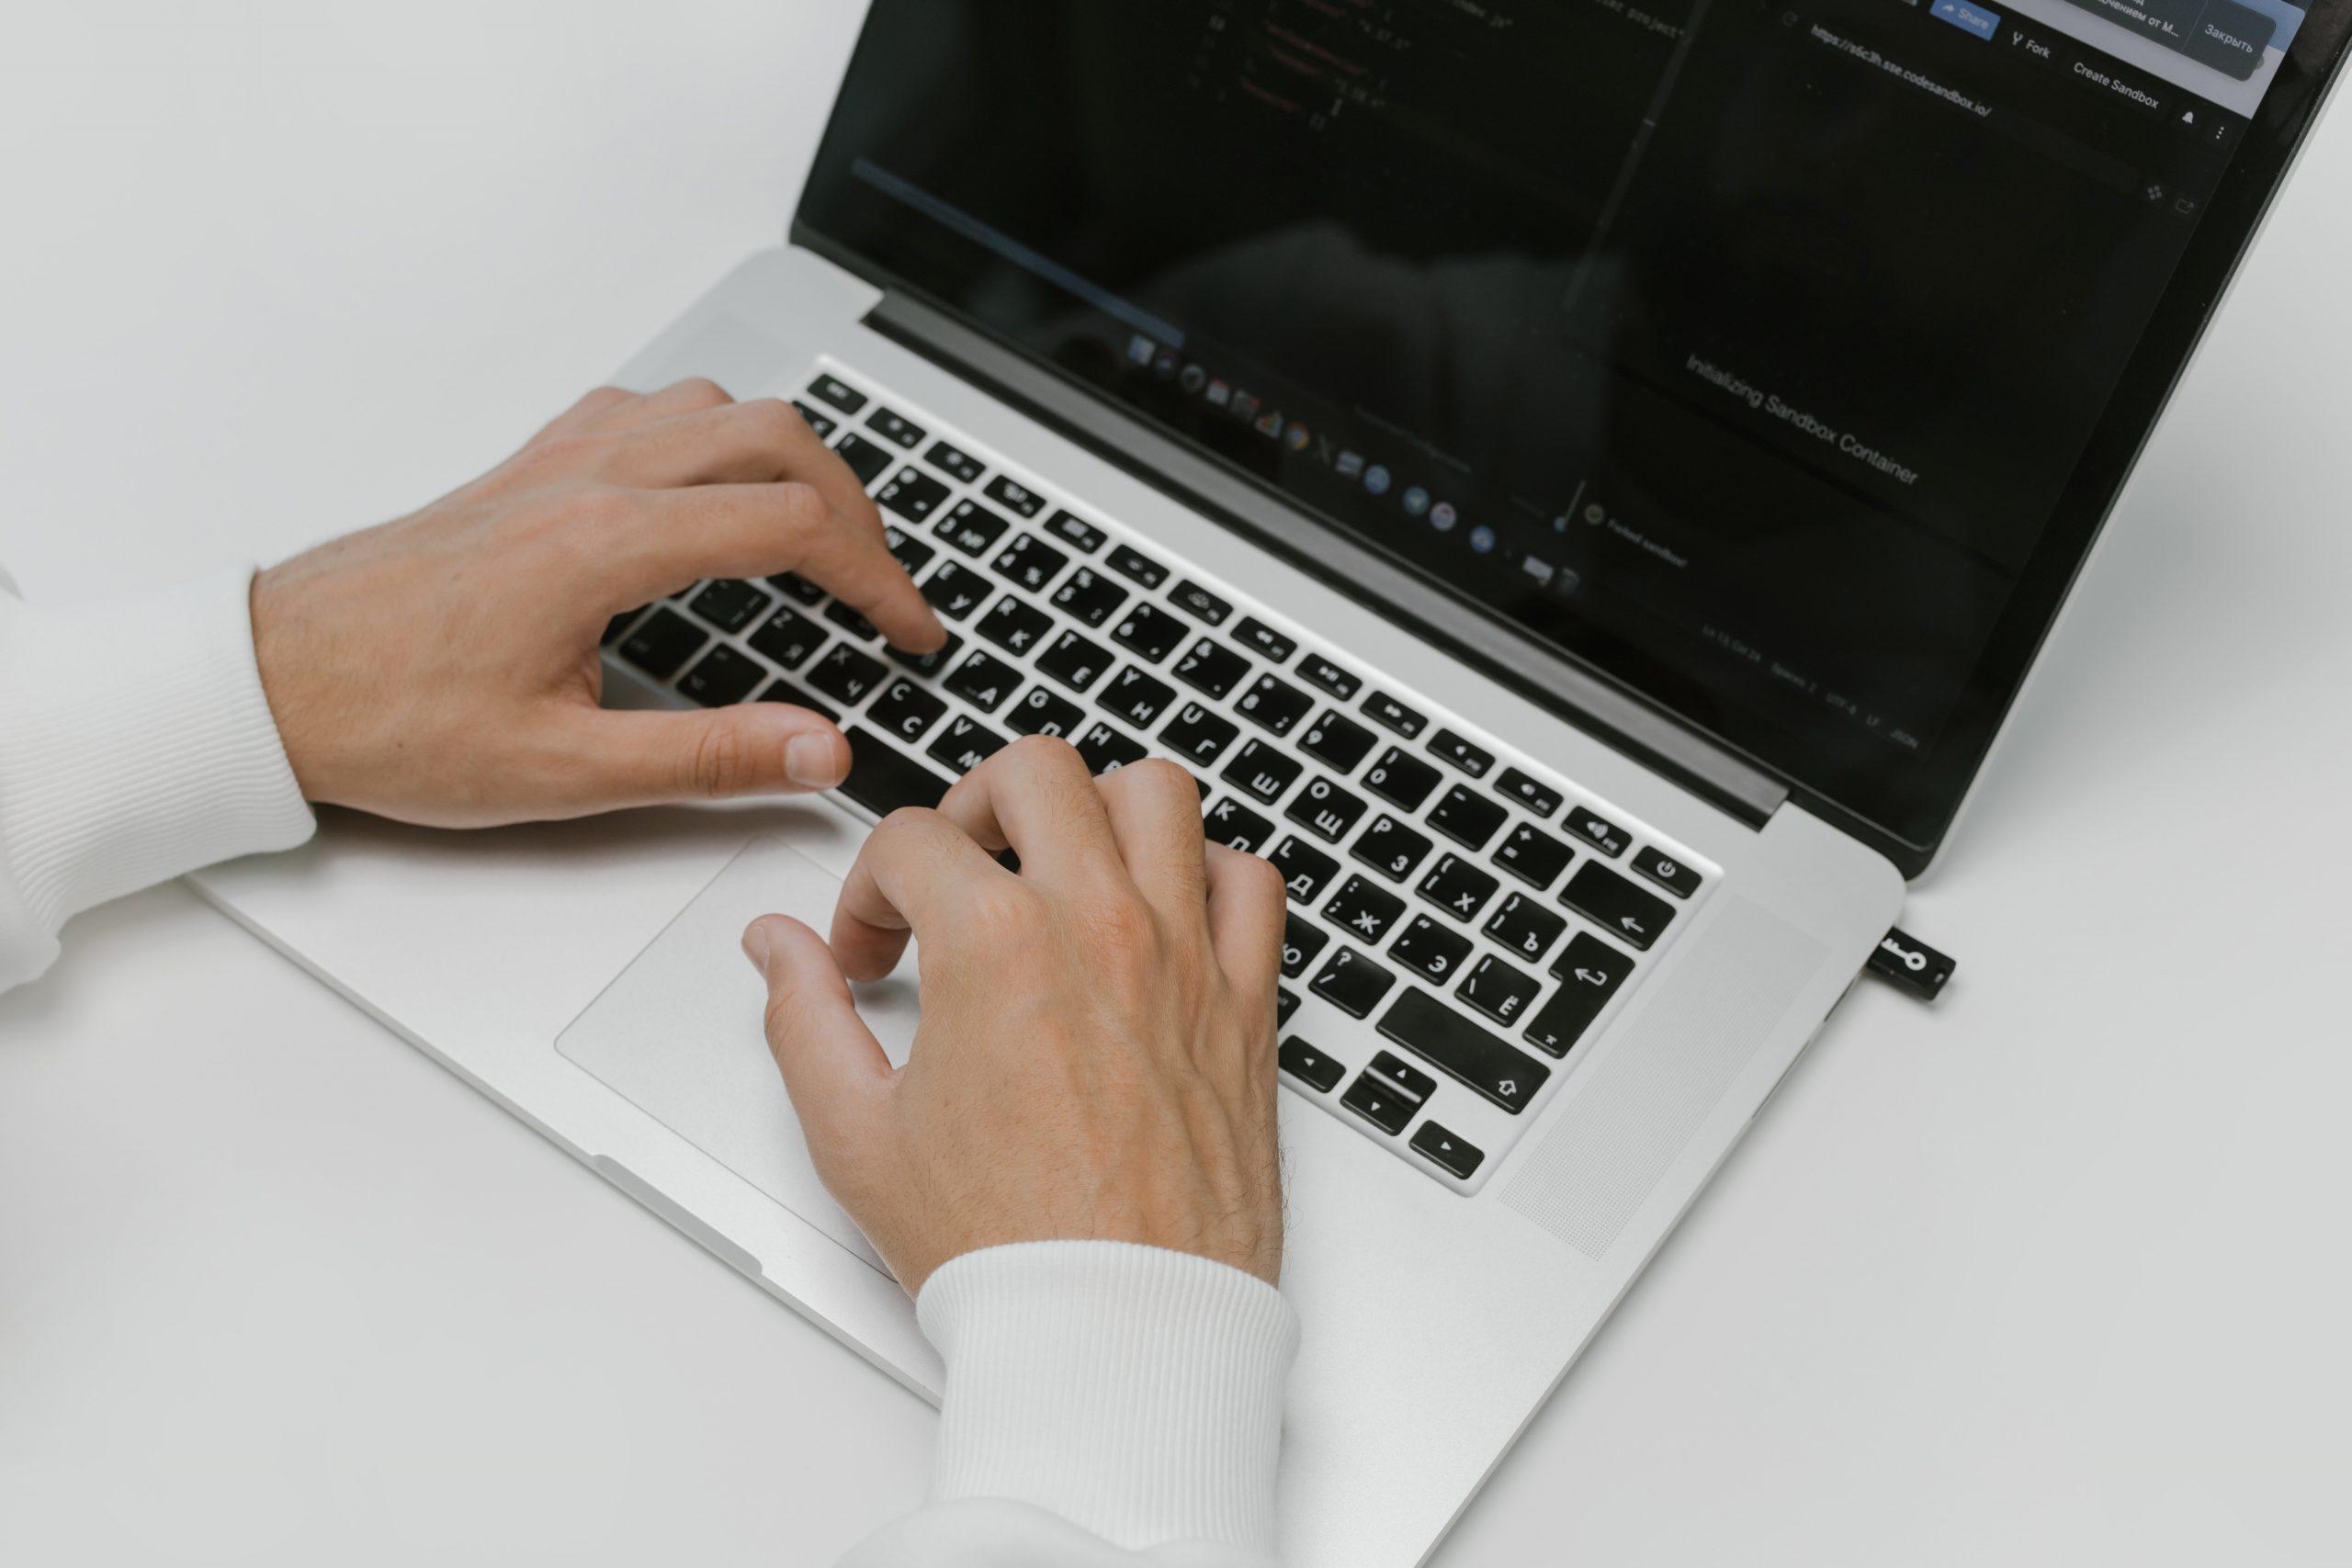 Imagem de uma pessoa usando um notebook.